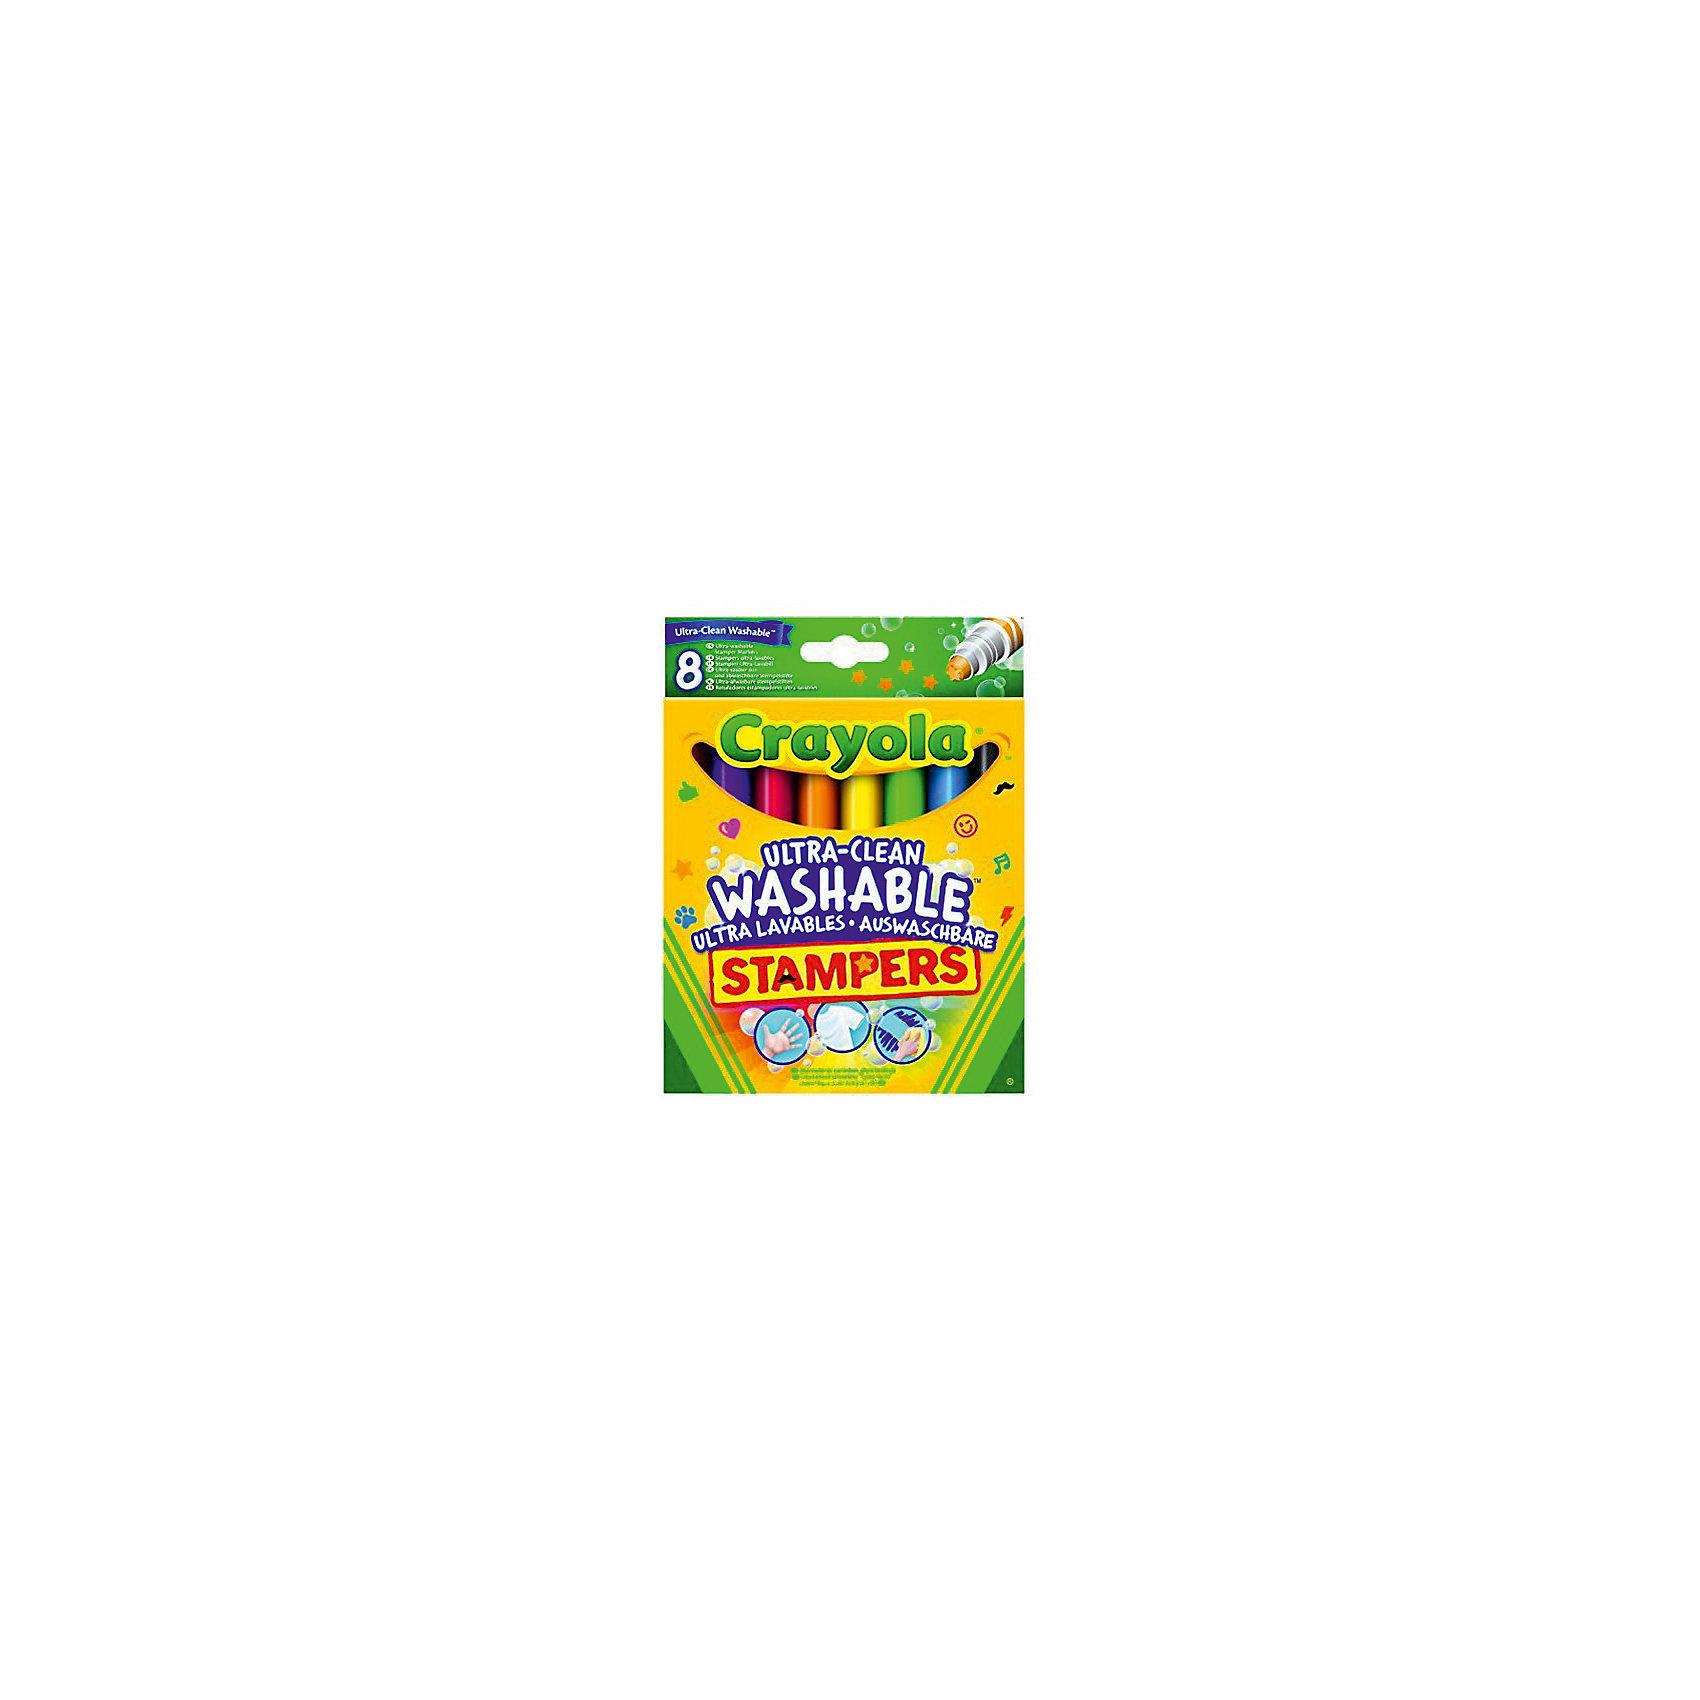 Crayola Набор мини-штампов Животные, 8 шт